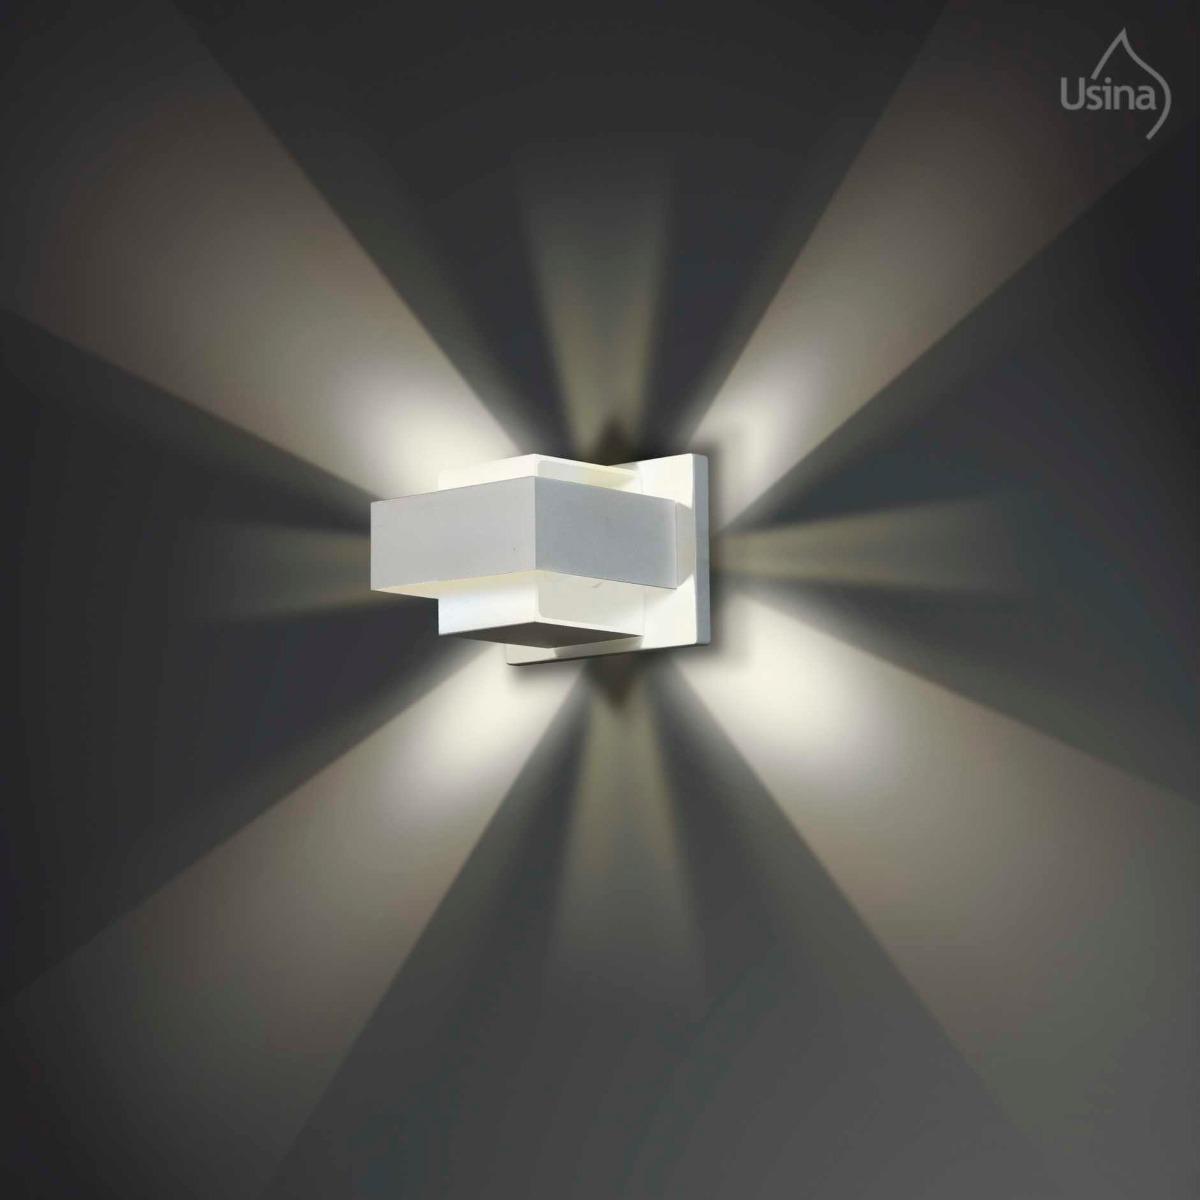 Arandela Interna Branca Retangular Parede Ilumina O Sala R 97  -> Luminarias De Parede Para Sala De Estar